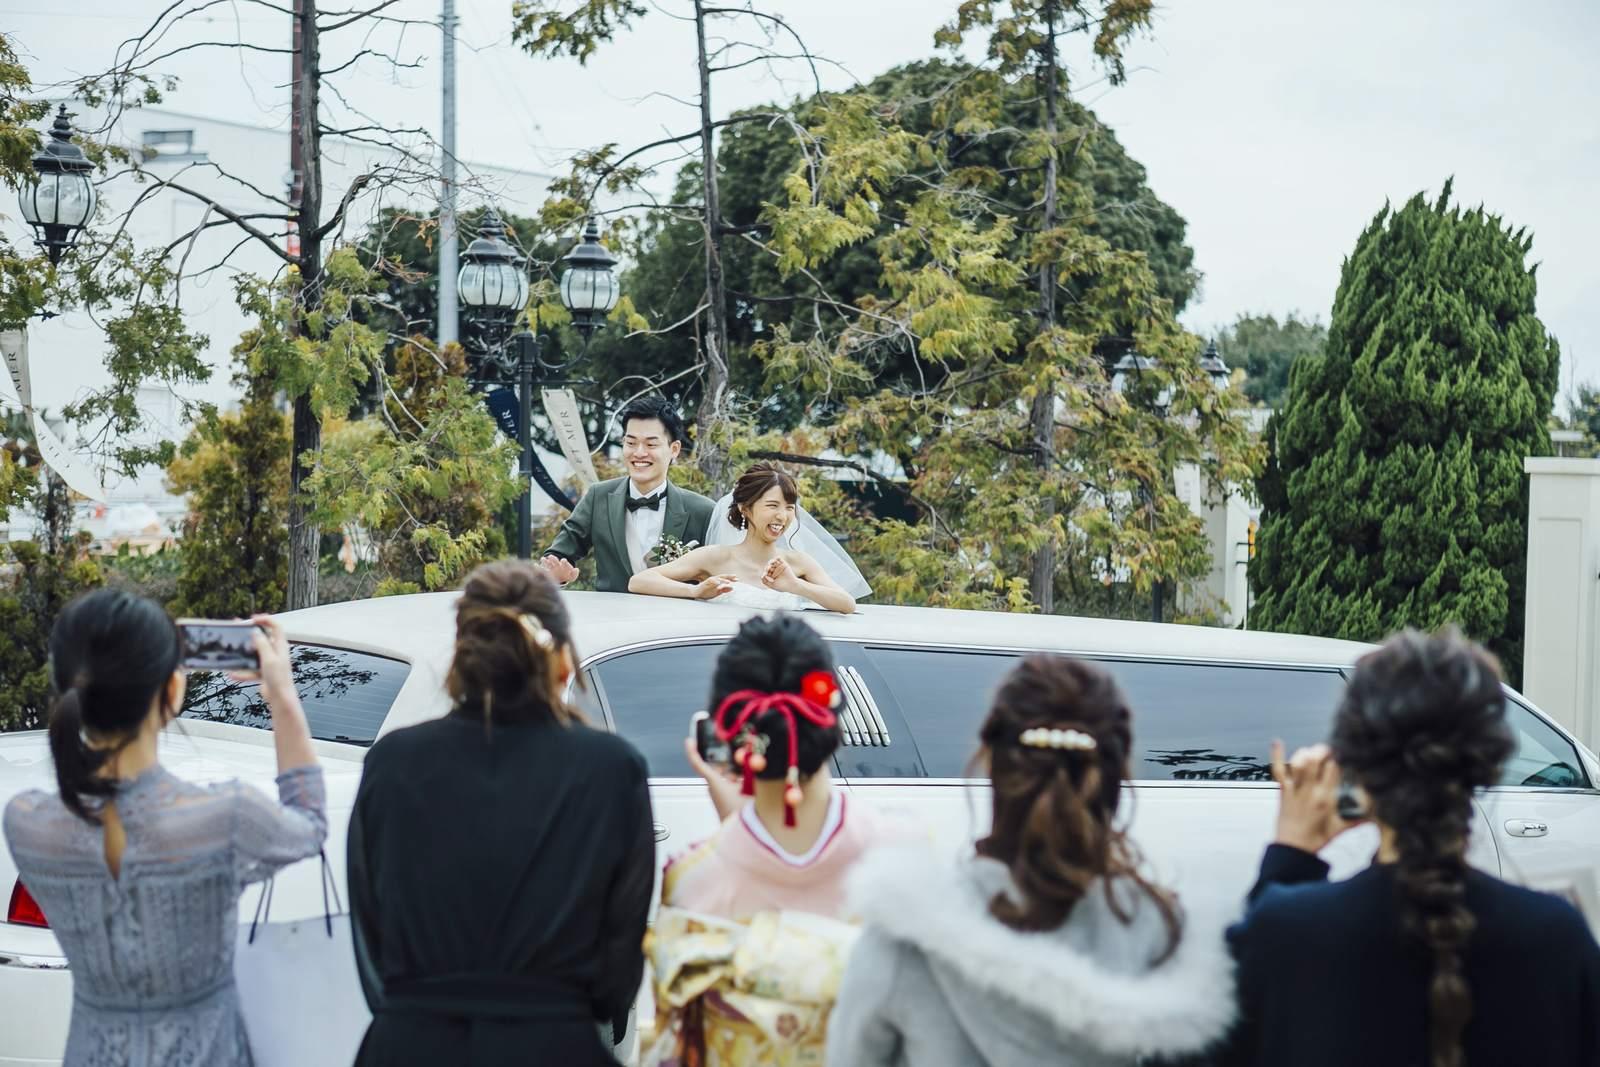 香川県の結婚式場シェルエメール&アイスタイルのリムジン出発